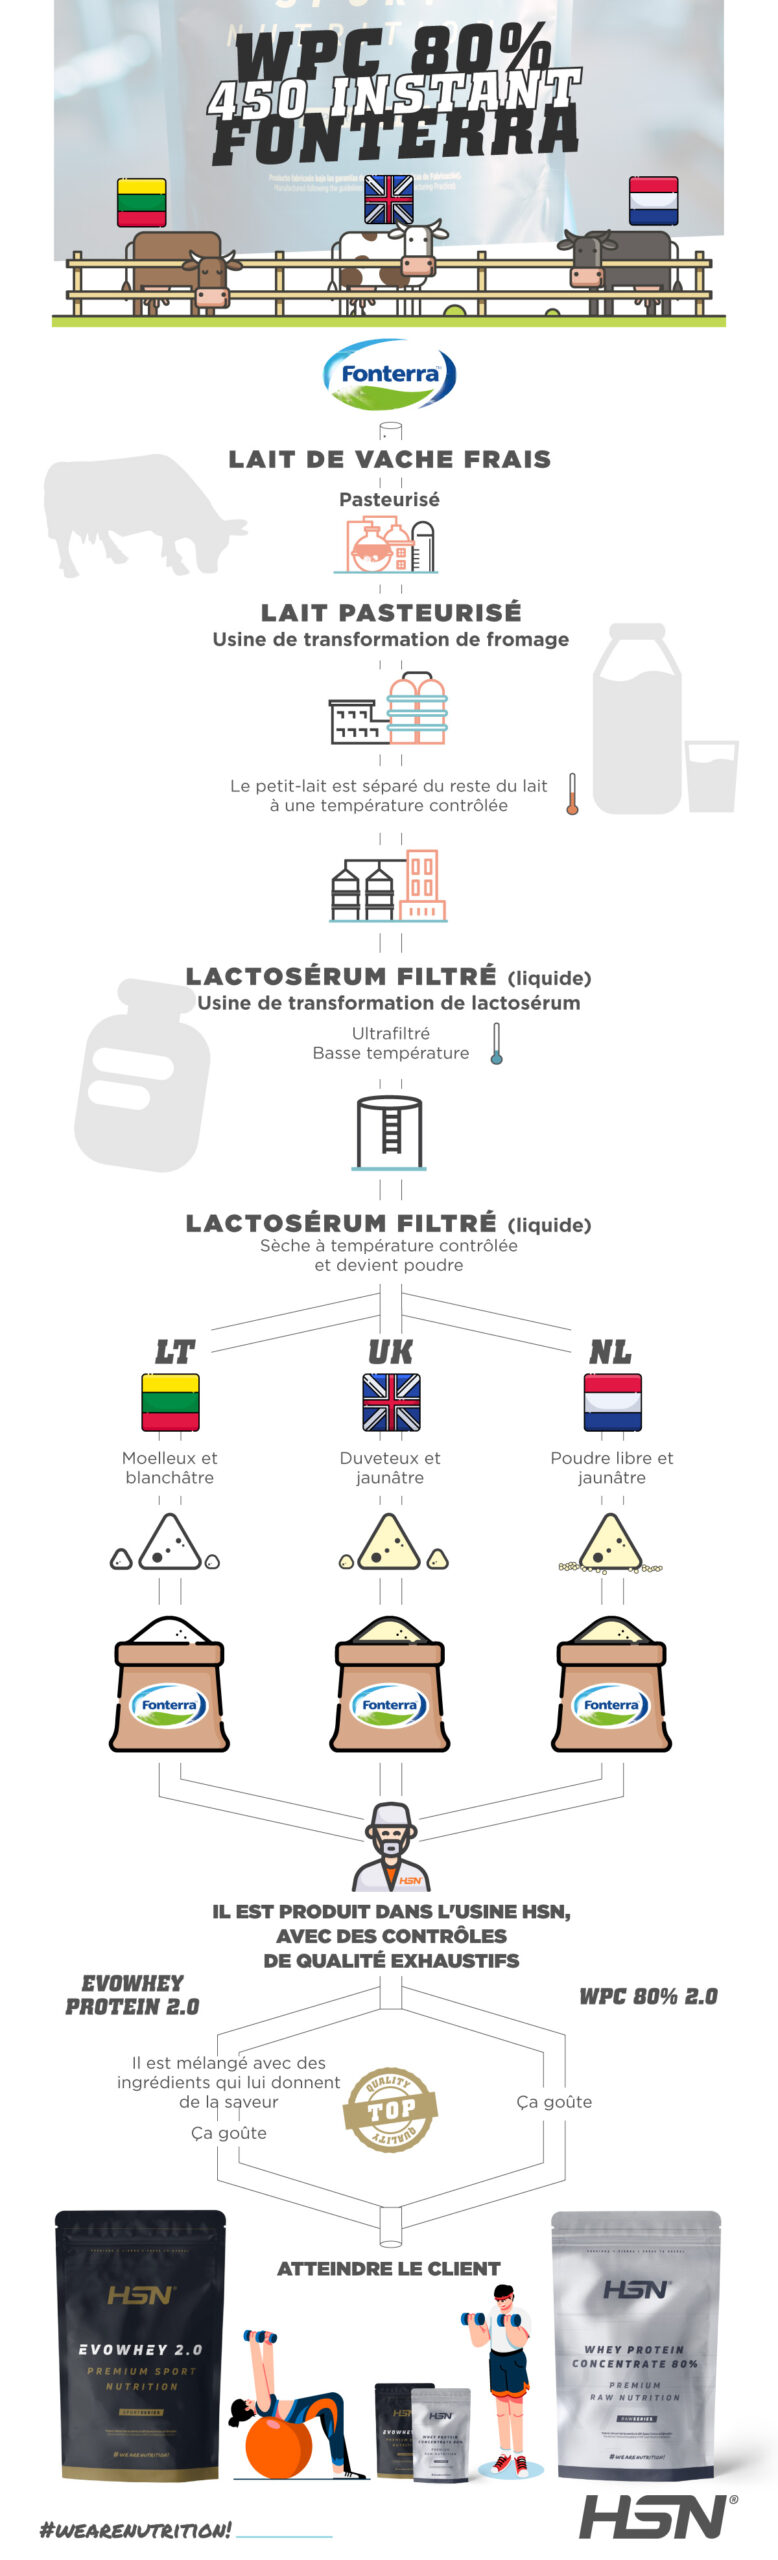 Infographie HSN, d'où vient Evowhey Protein 2.0?